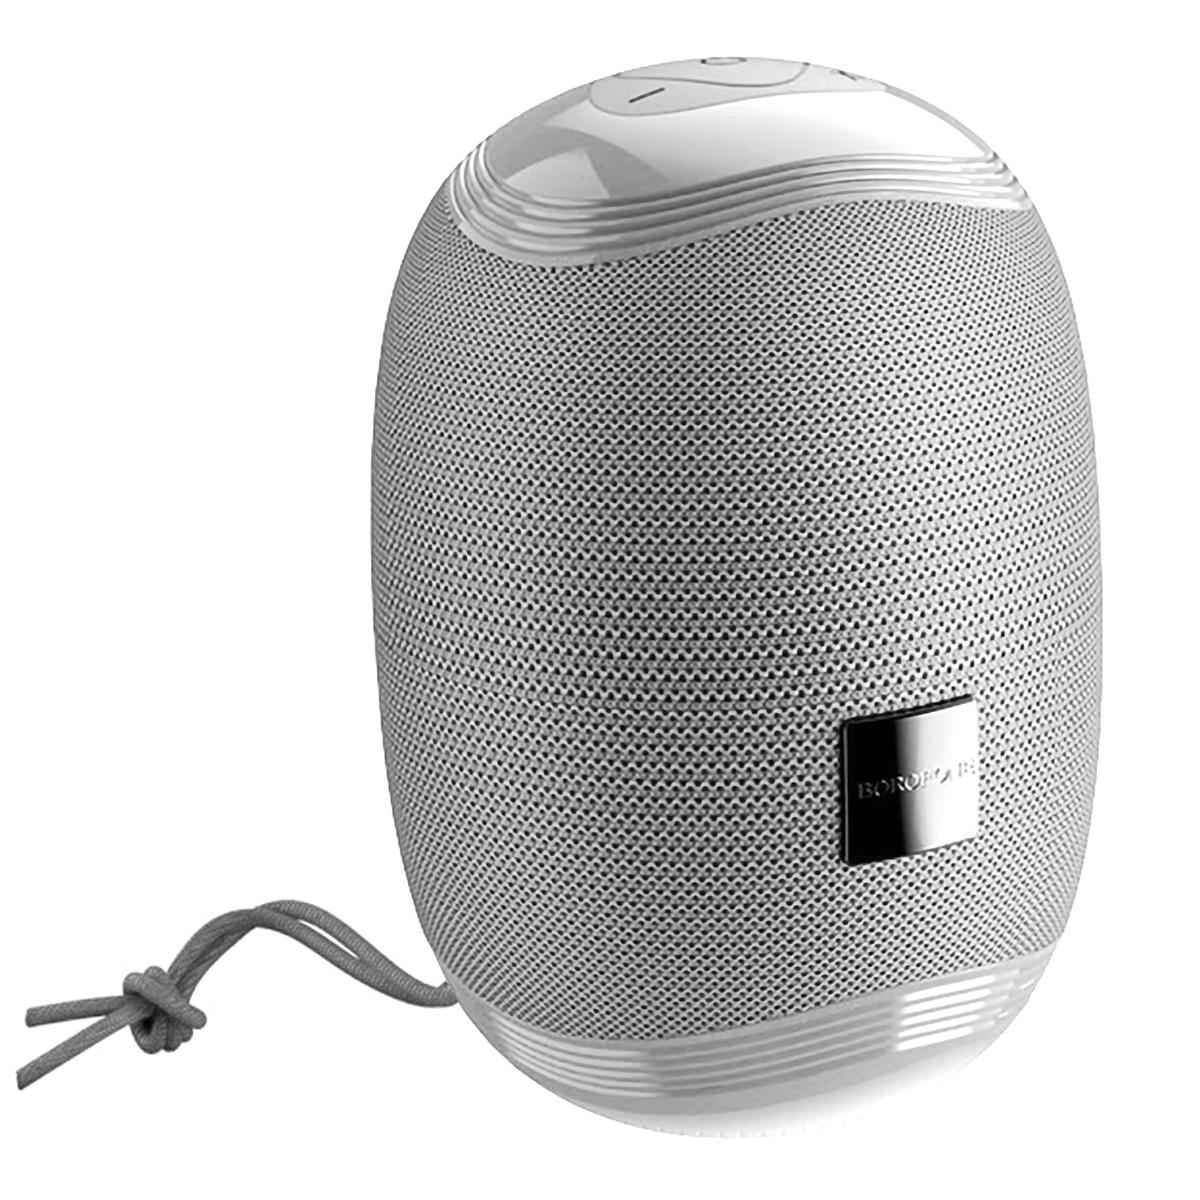 Колонка портативная Borofone BR6, 5ВТ, TWS (Bluetooth/microSD/USB/AUX/FM), серый  #1